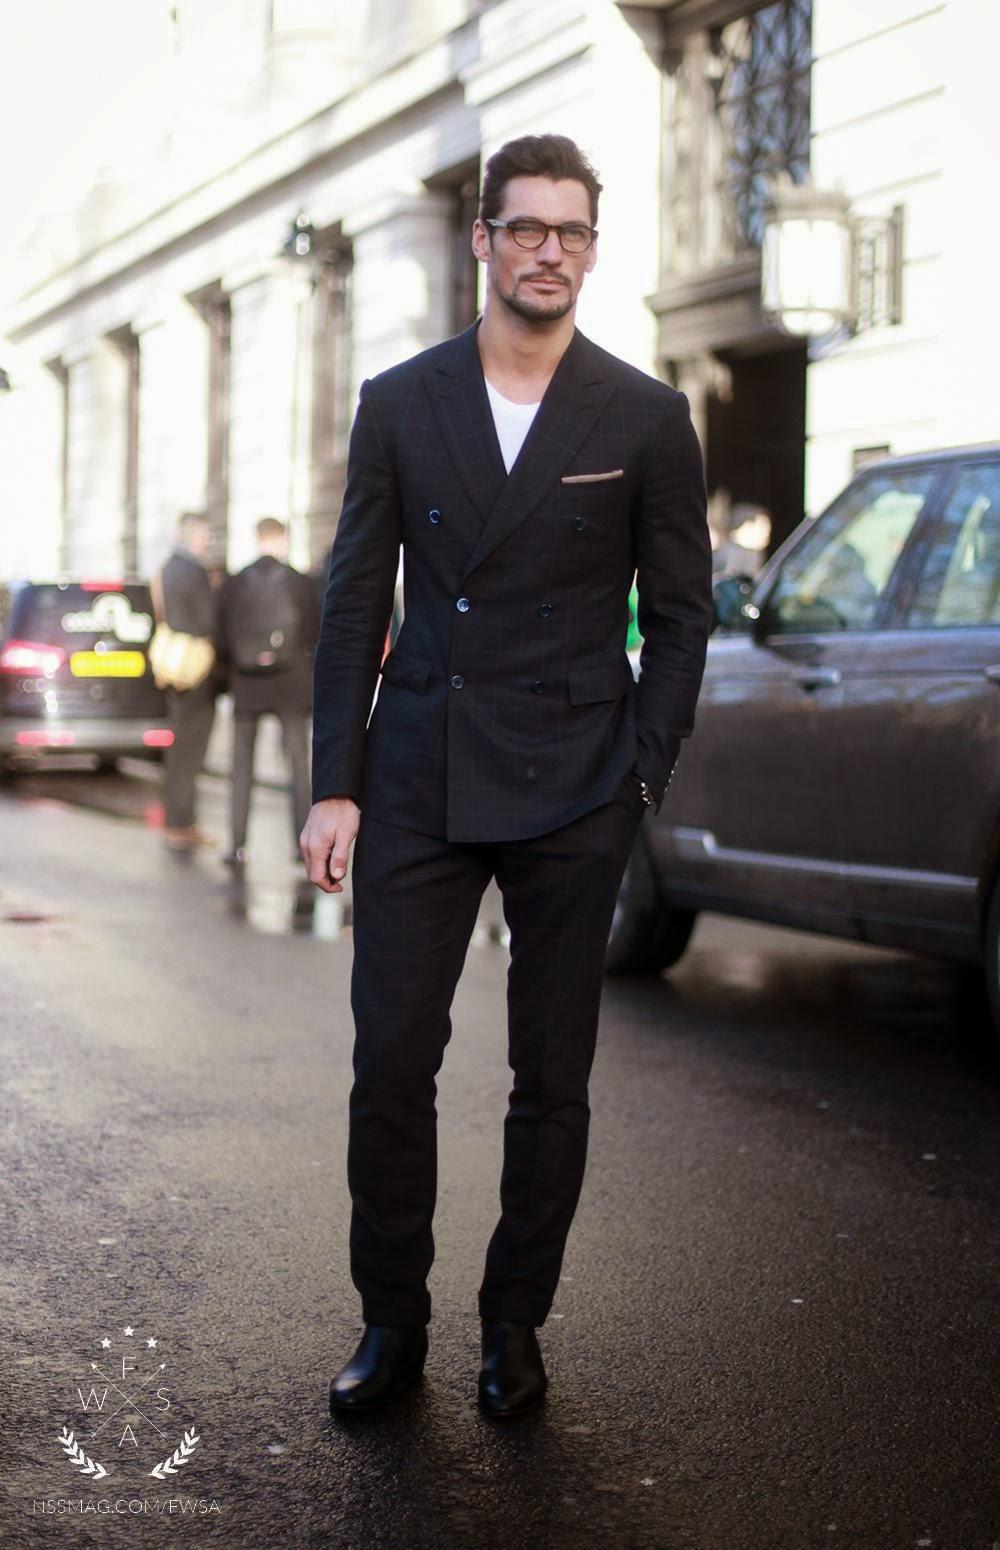 black-suit-white-crew-neck-t-shirt-black-chelsea-boots-original-5600.jpg